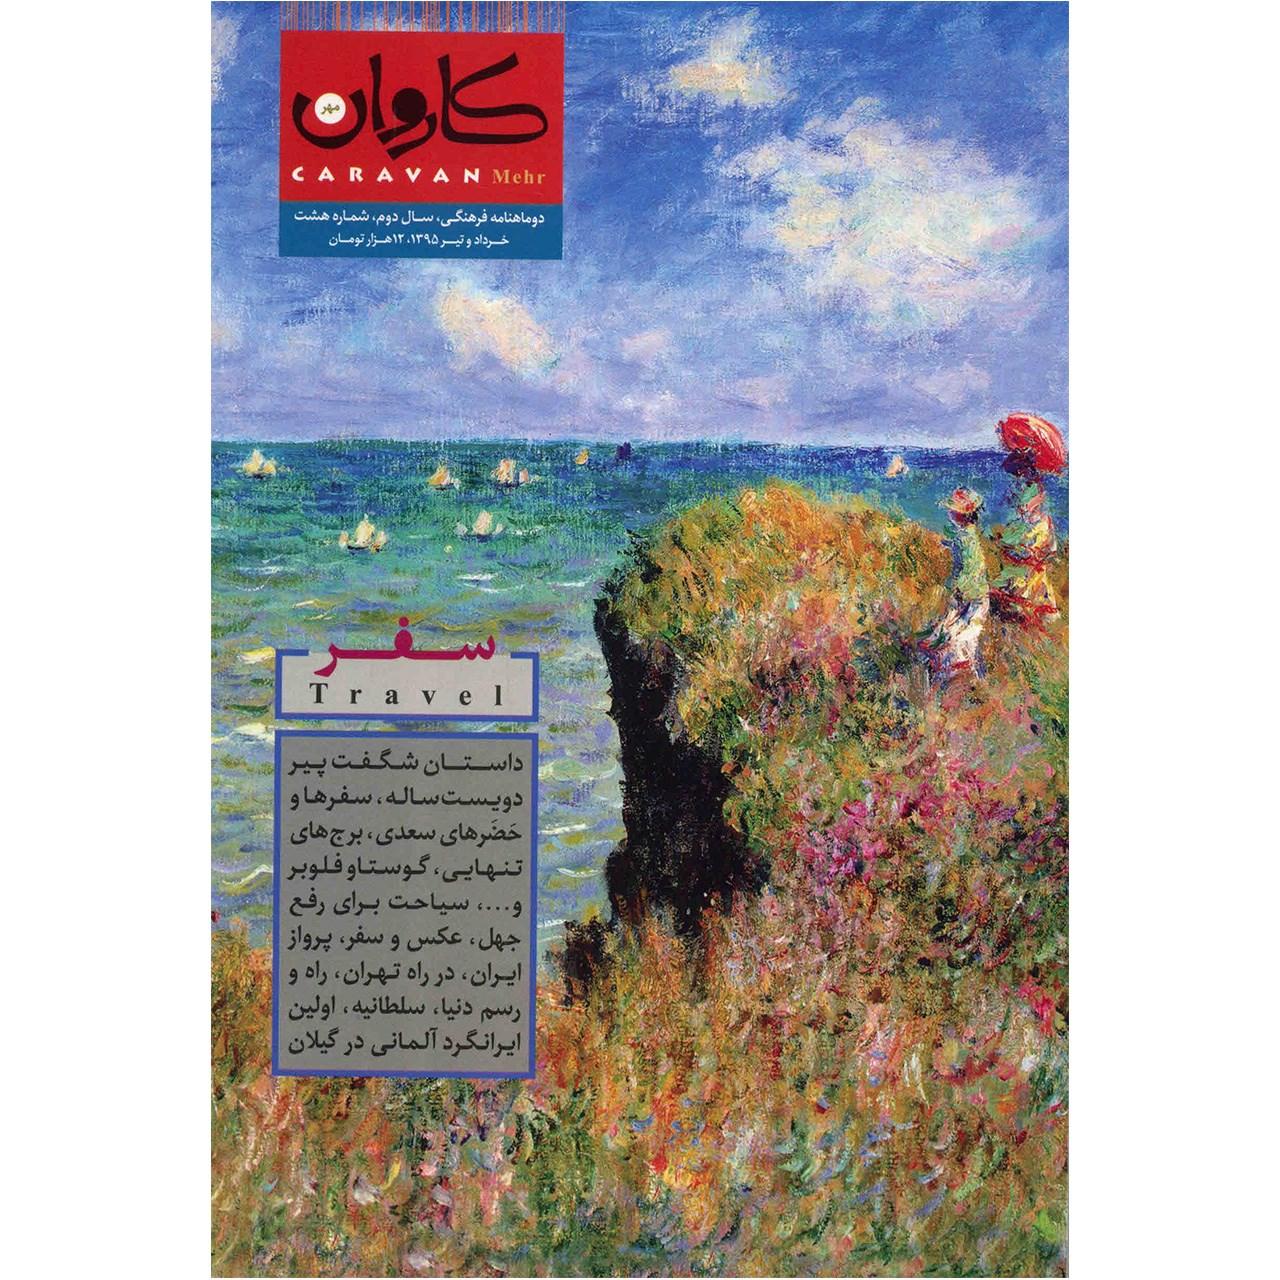 مجله کاروان مهر - شماره 8